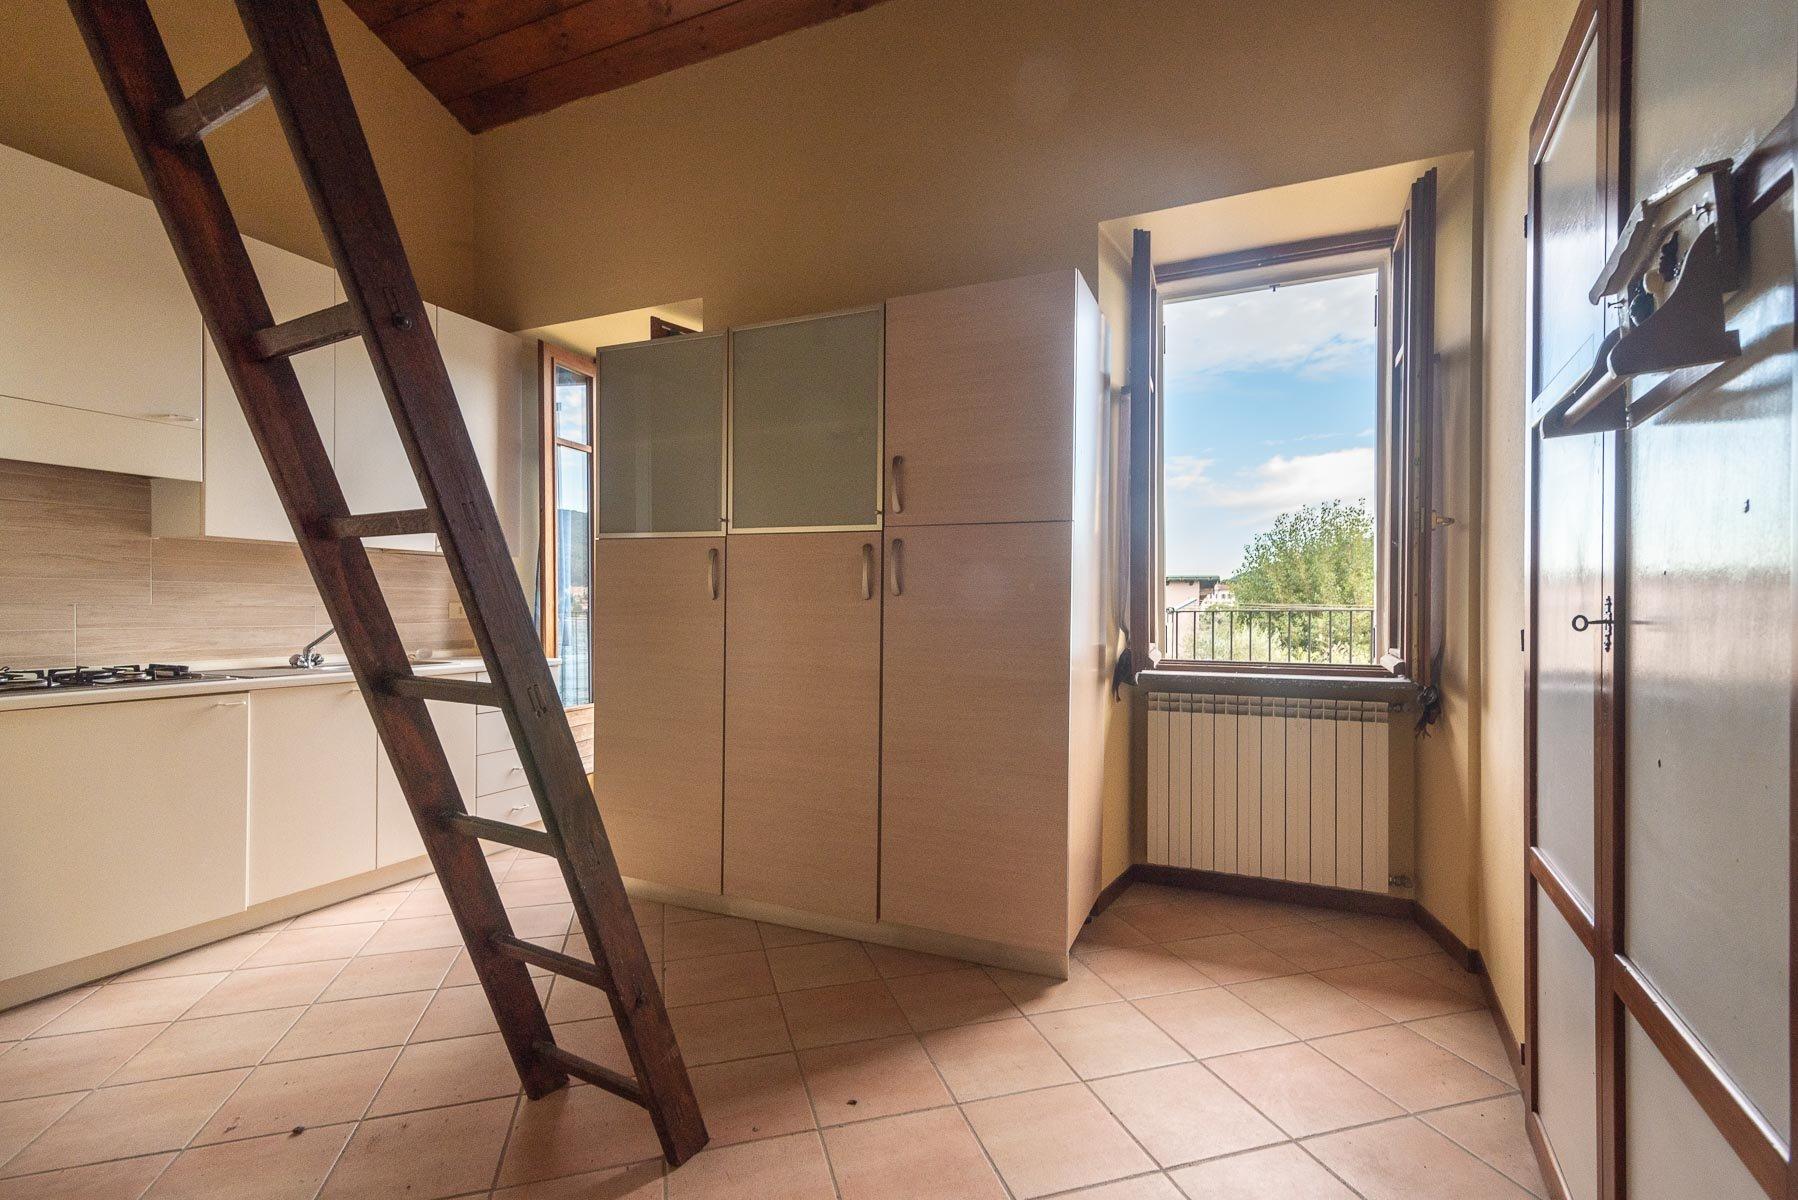 Apartment for sale in Pescatori island,Stresa-loft